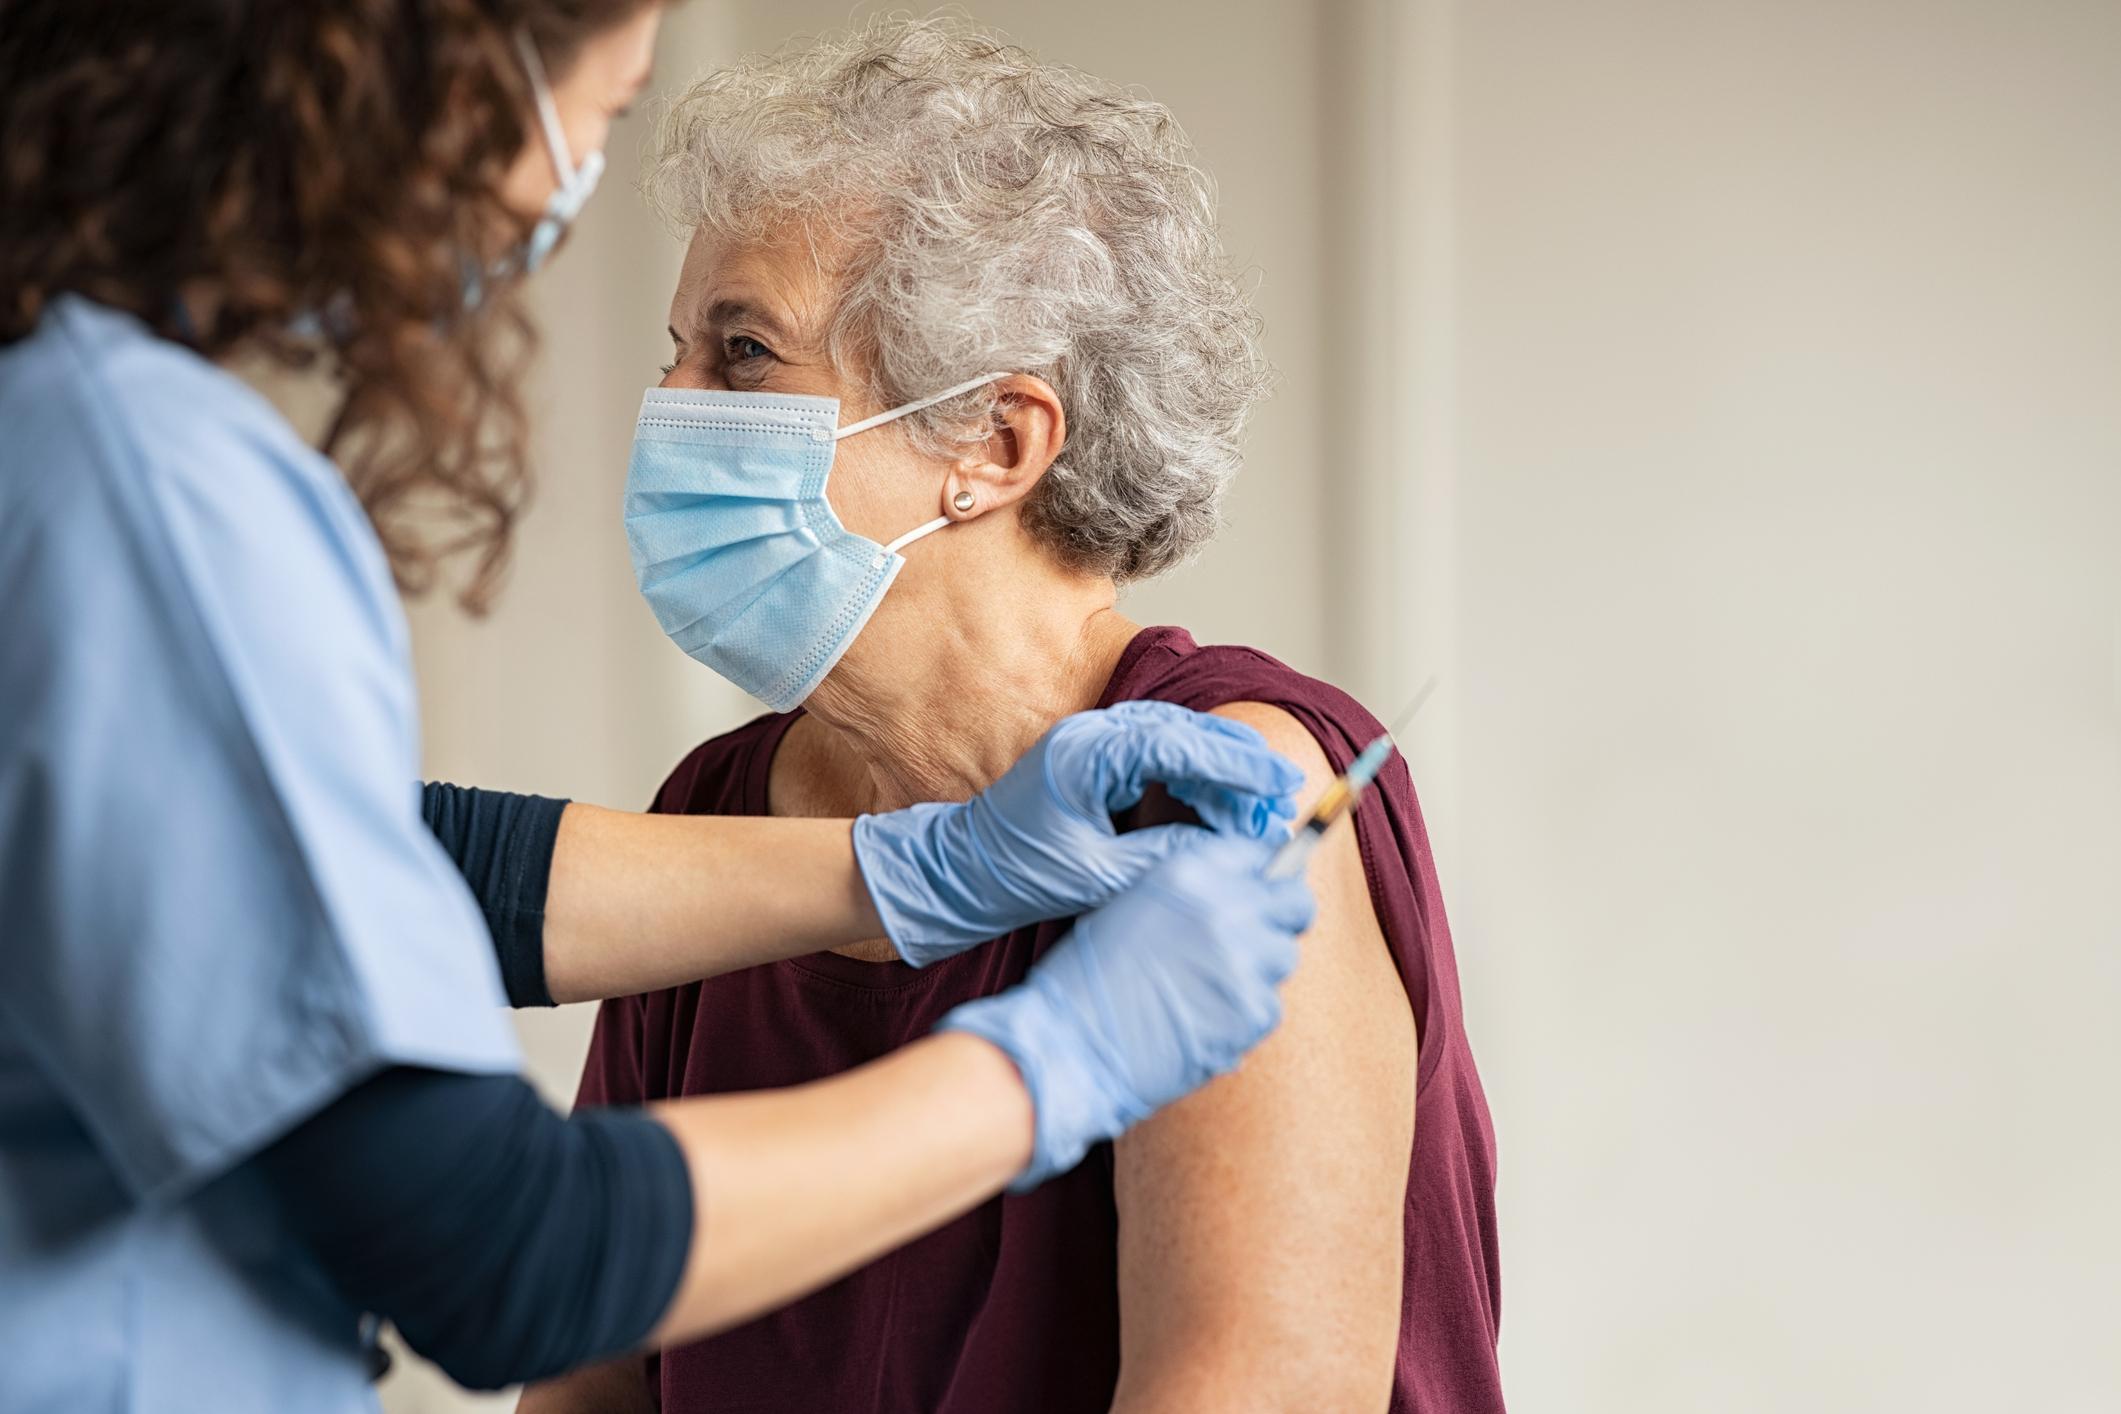 Vacuna COVID-19: ¿Quién la recibe y cuándo? | Desglose de la fase uno